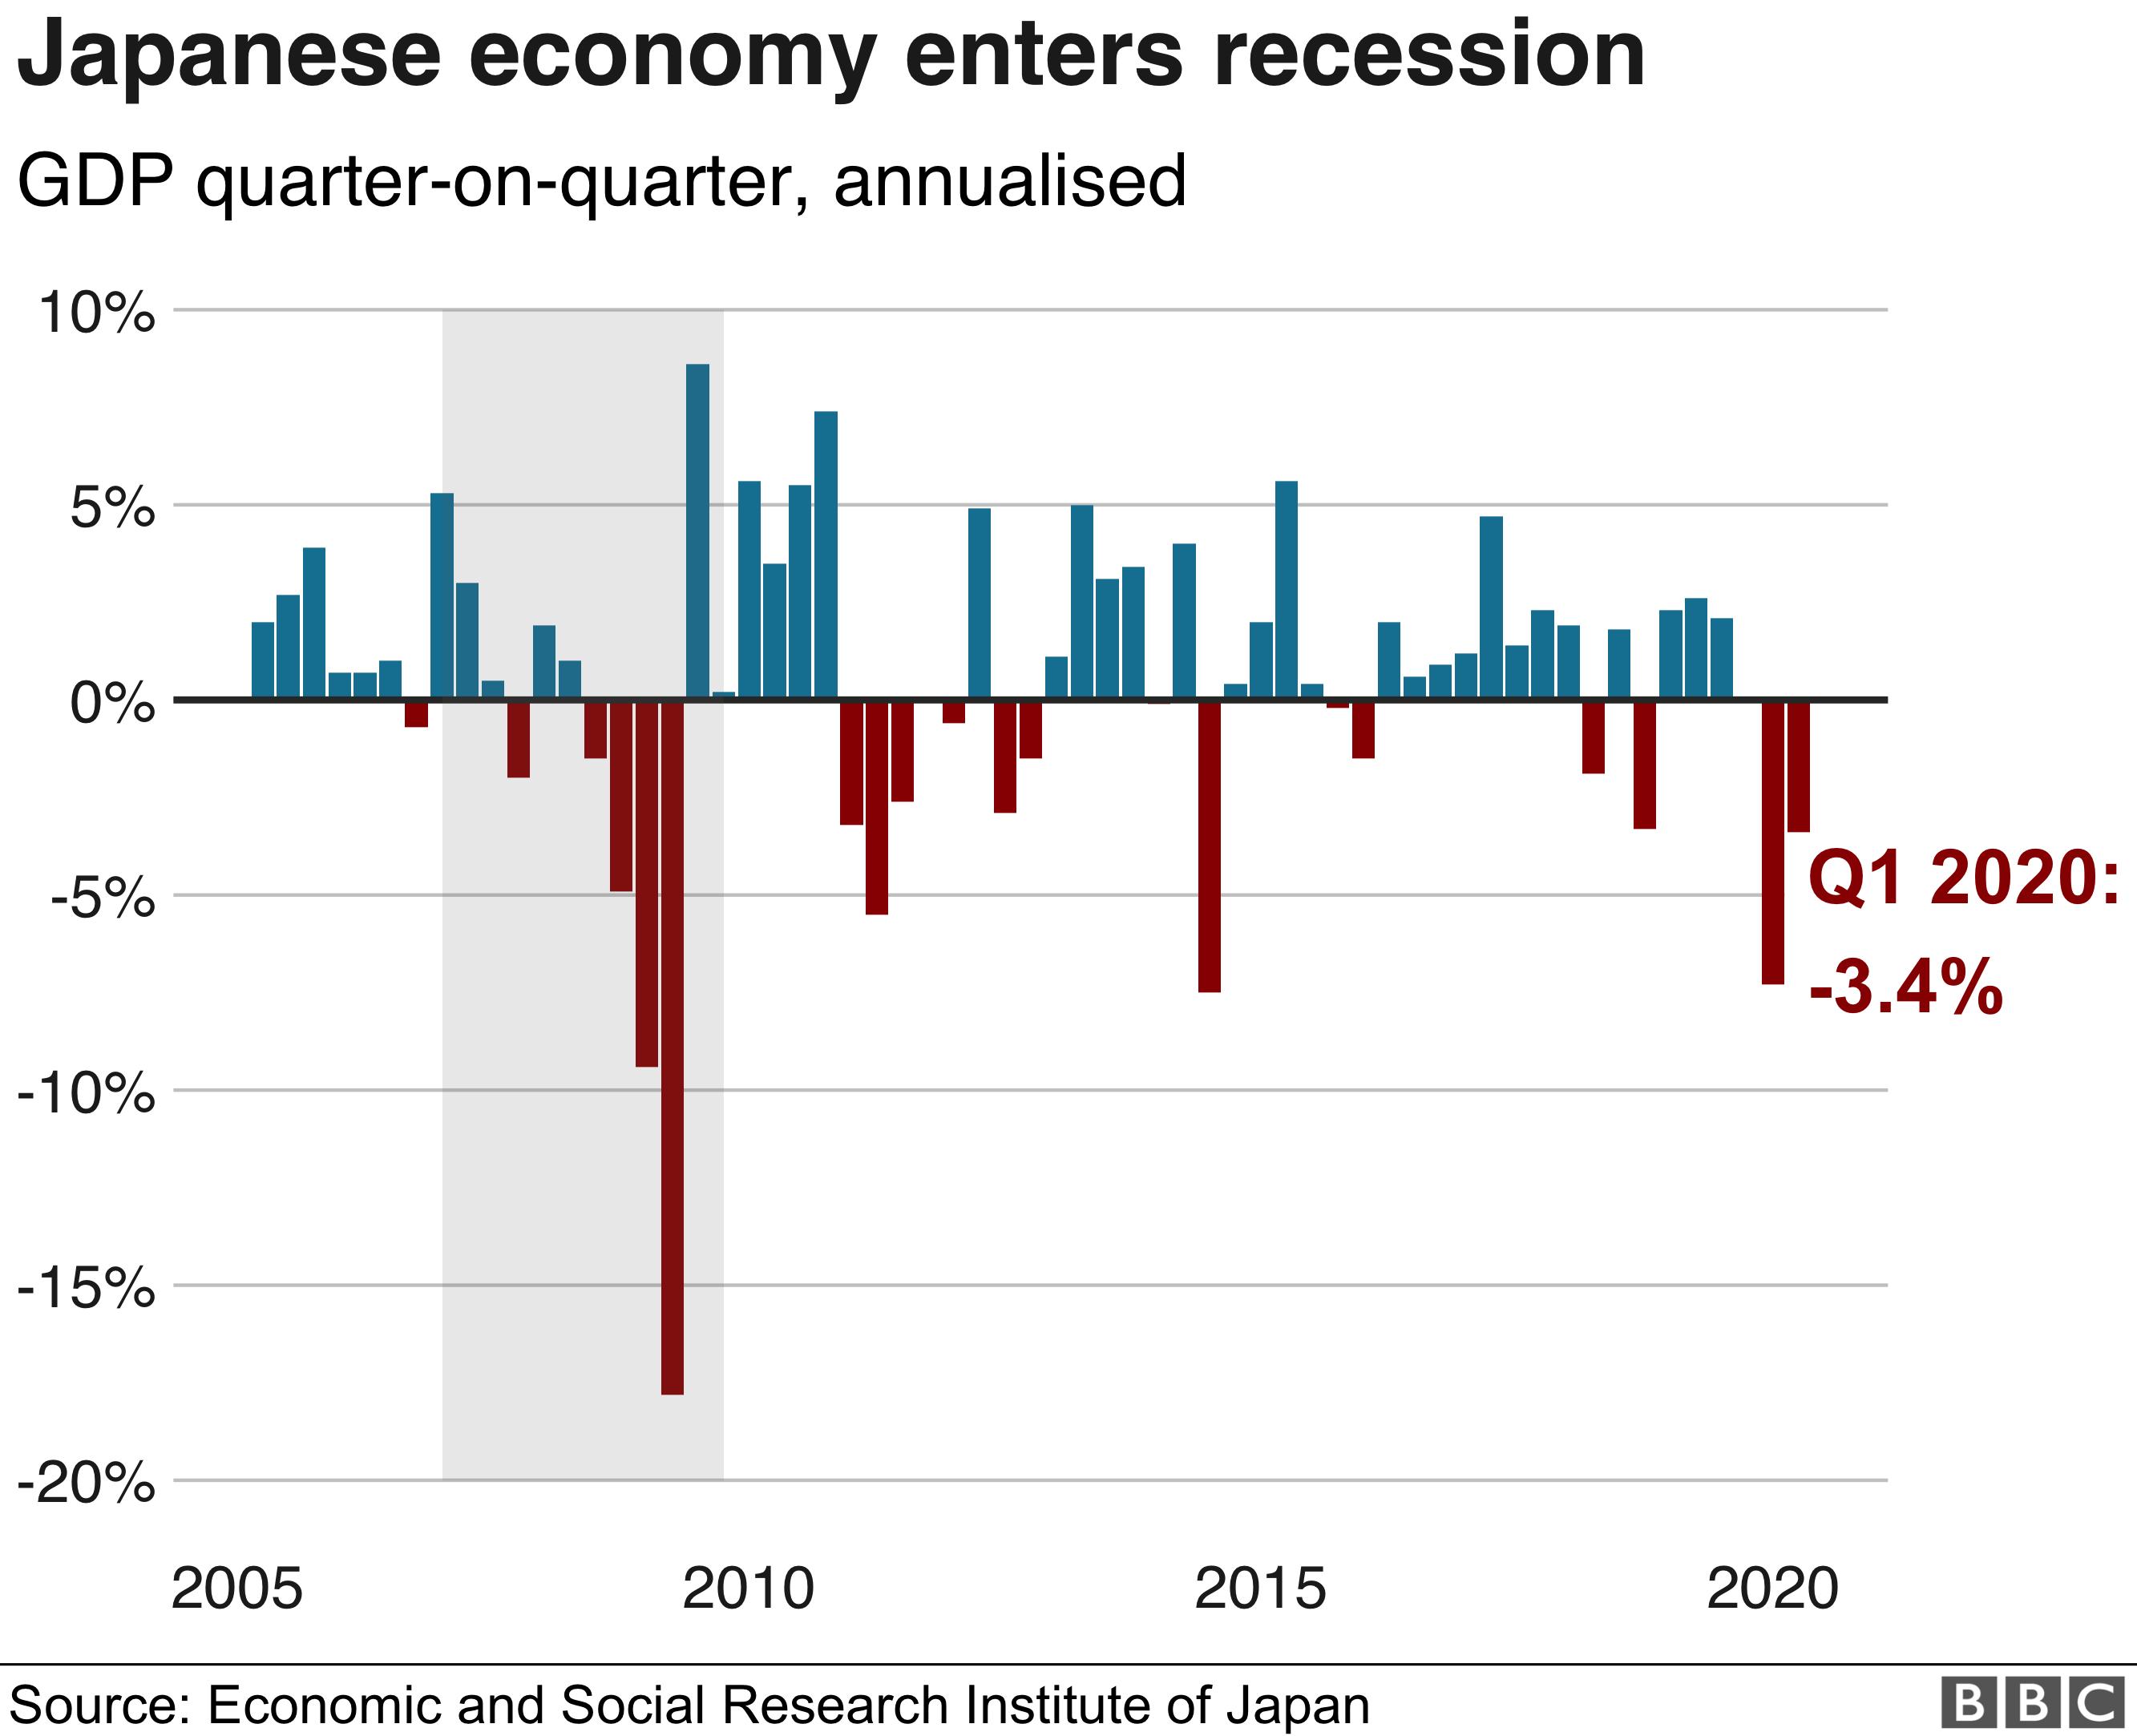 Economia do Japão entra em recessão